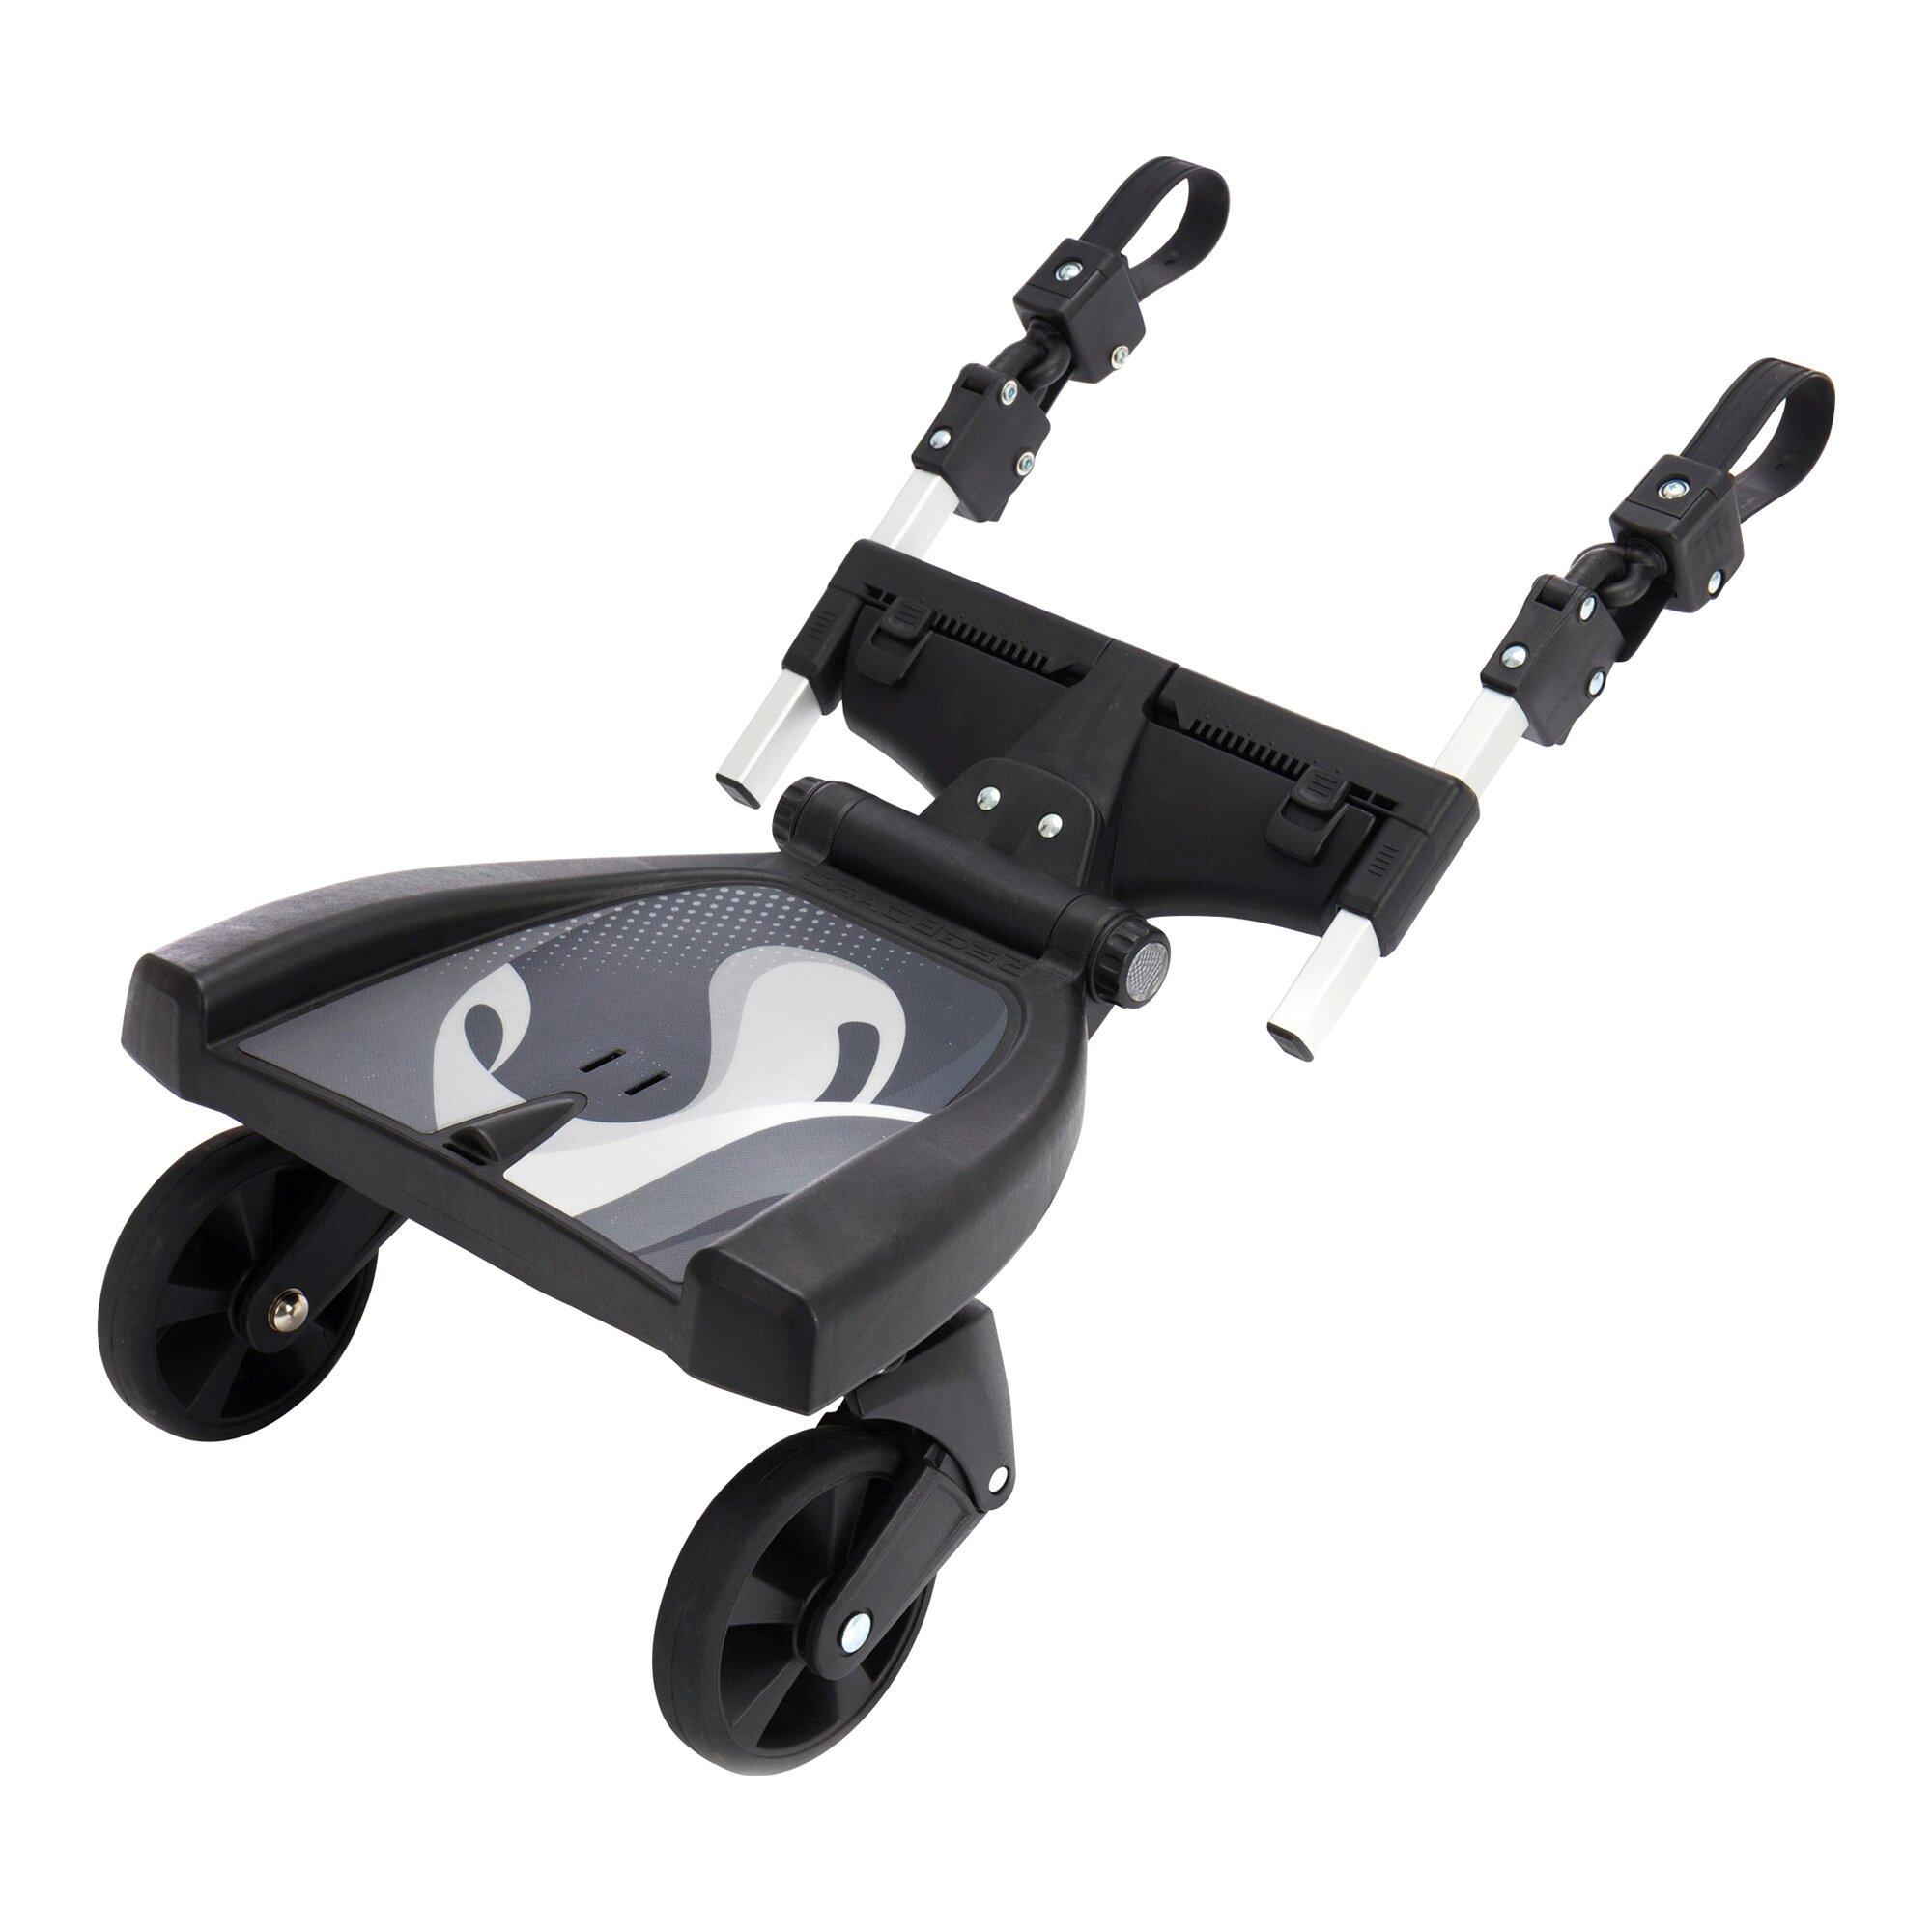 Buggy-Board Filliboard 180° für Kinderwagen